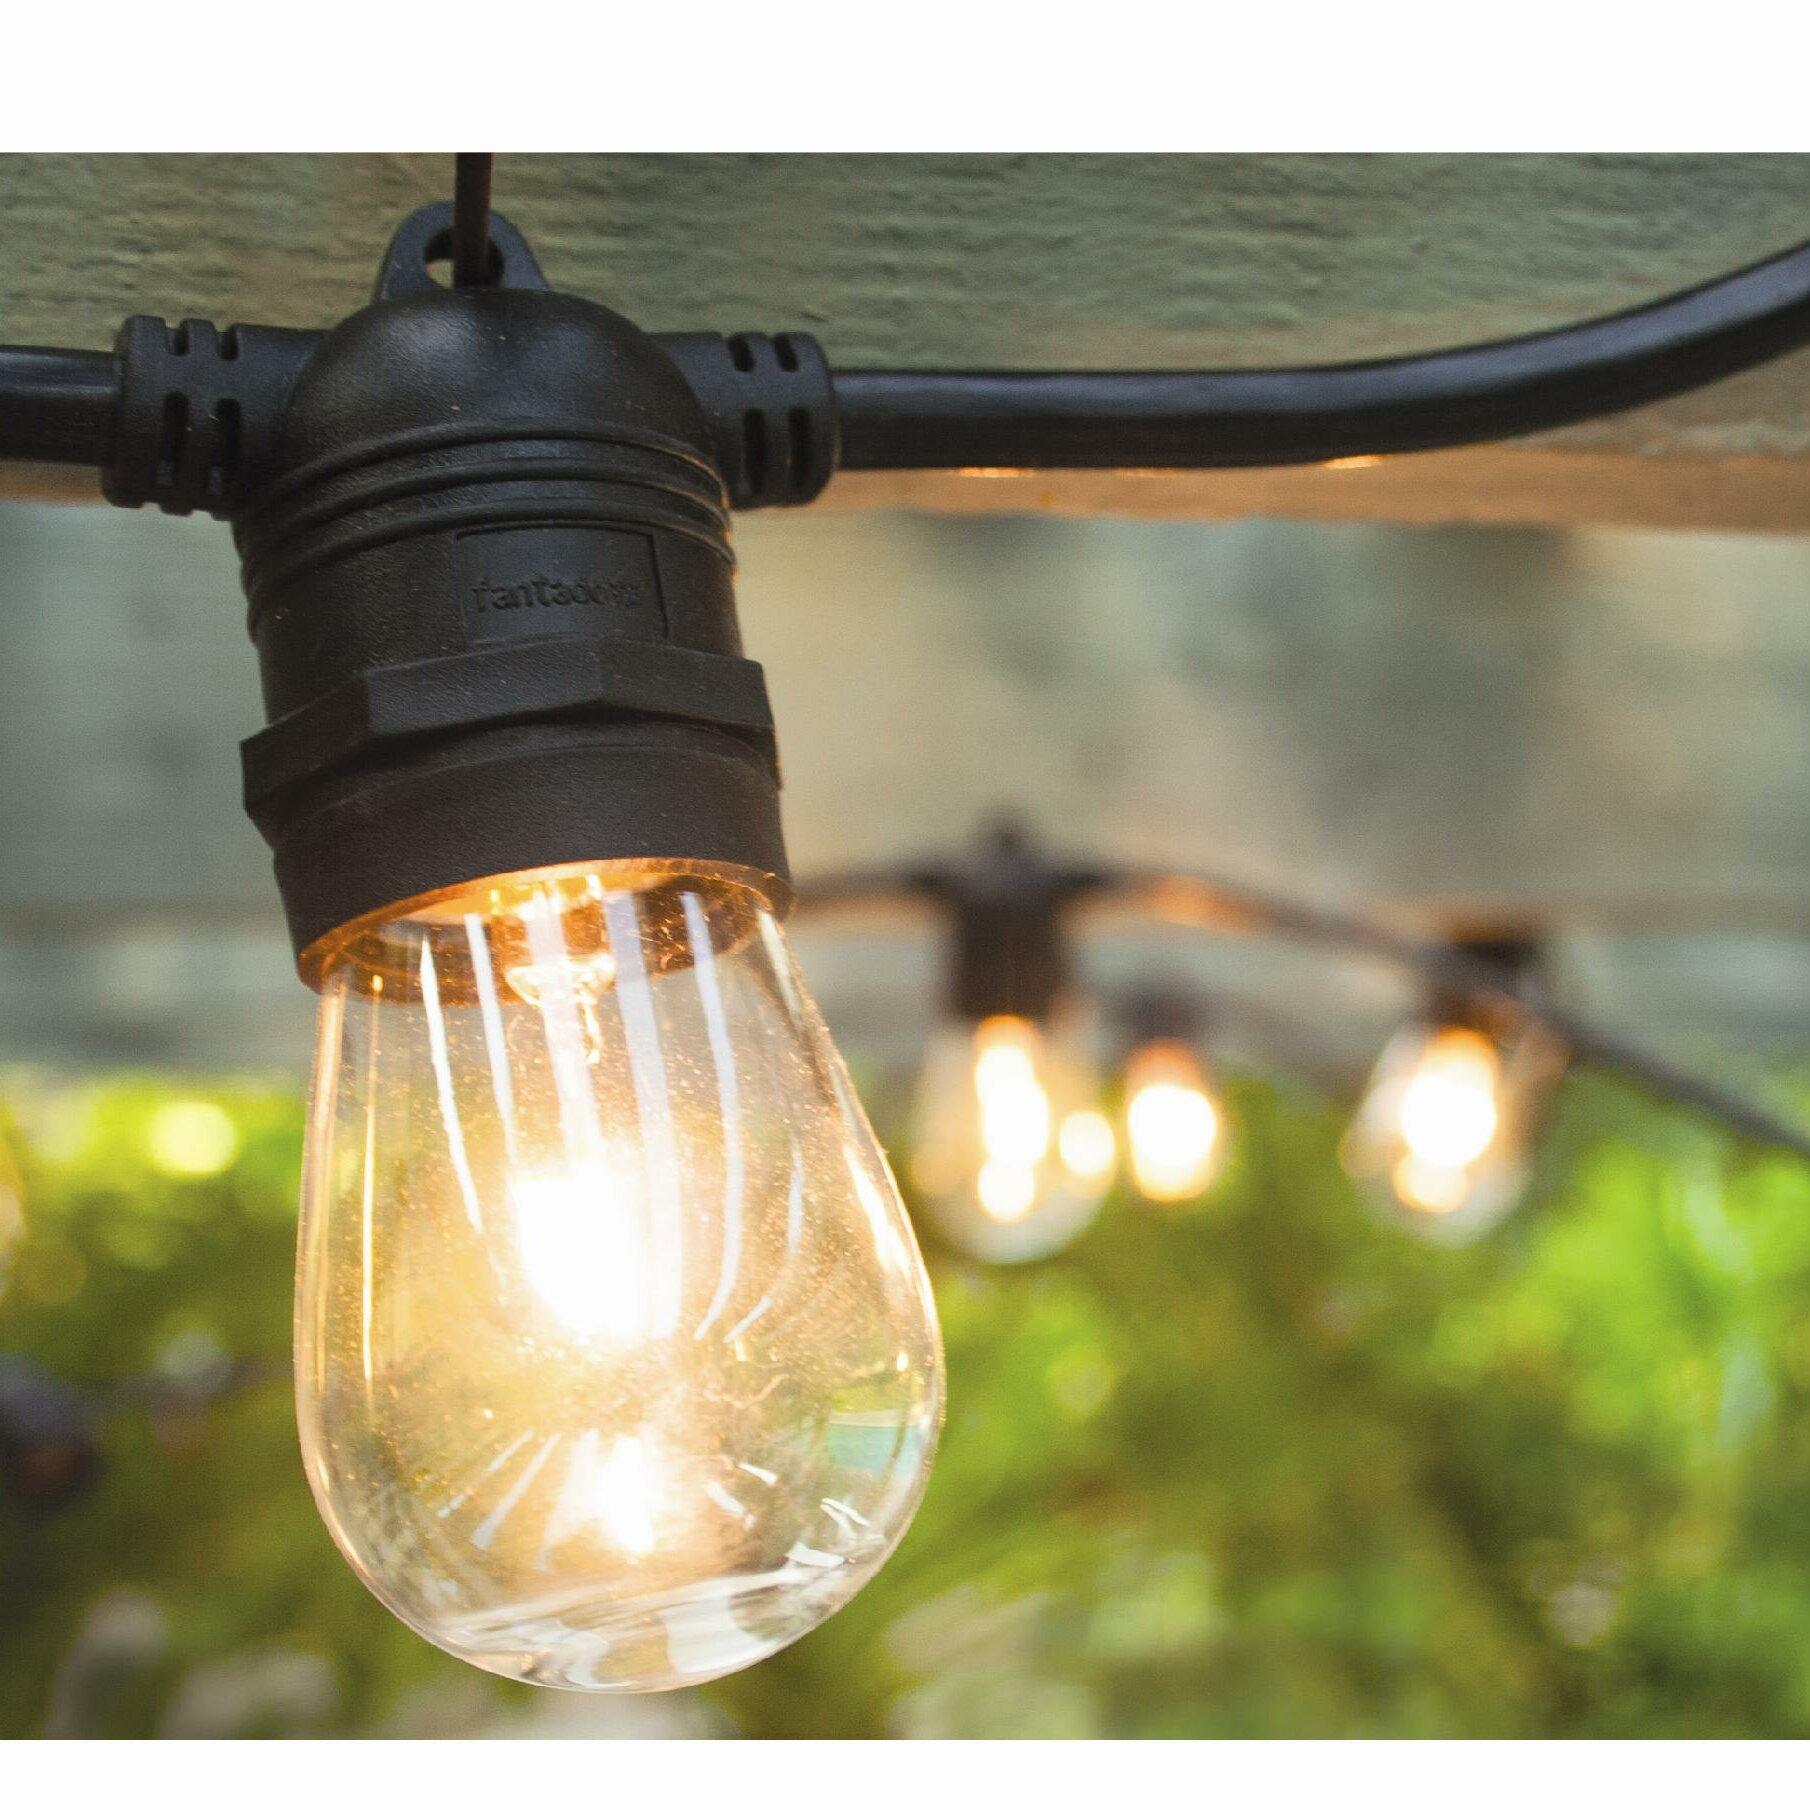 Hi Line Gift Ltd Vintage mercial Patio String Lights with 12